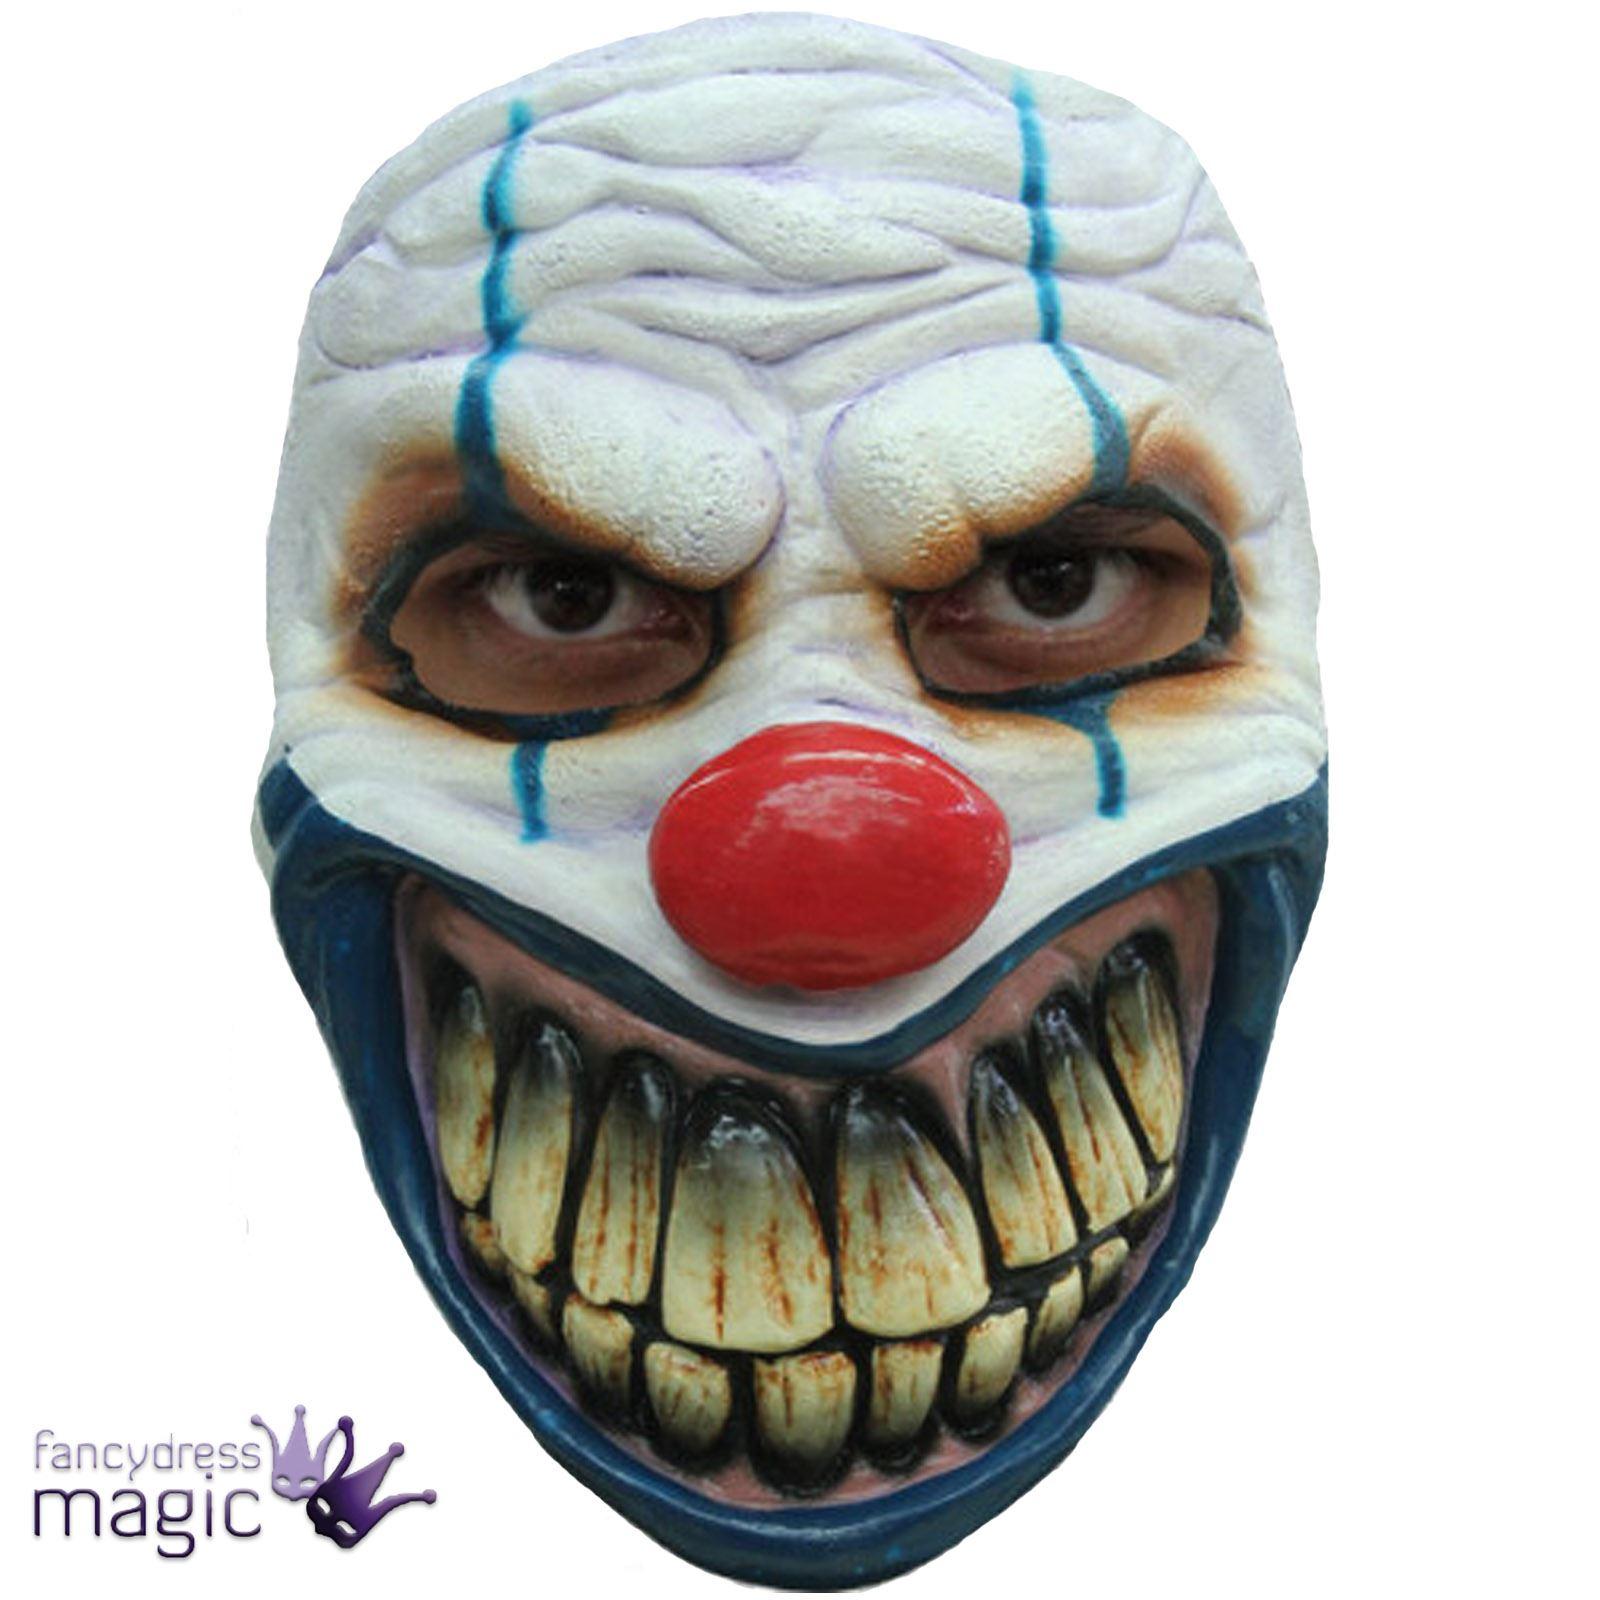 miedo edulto Horror boca grande Disfraz Látex Payaso Malvado Máscara ...